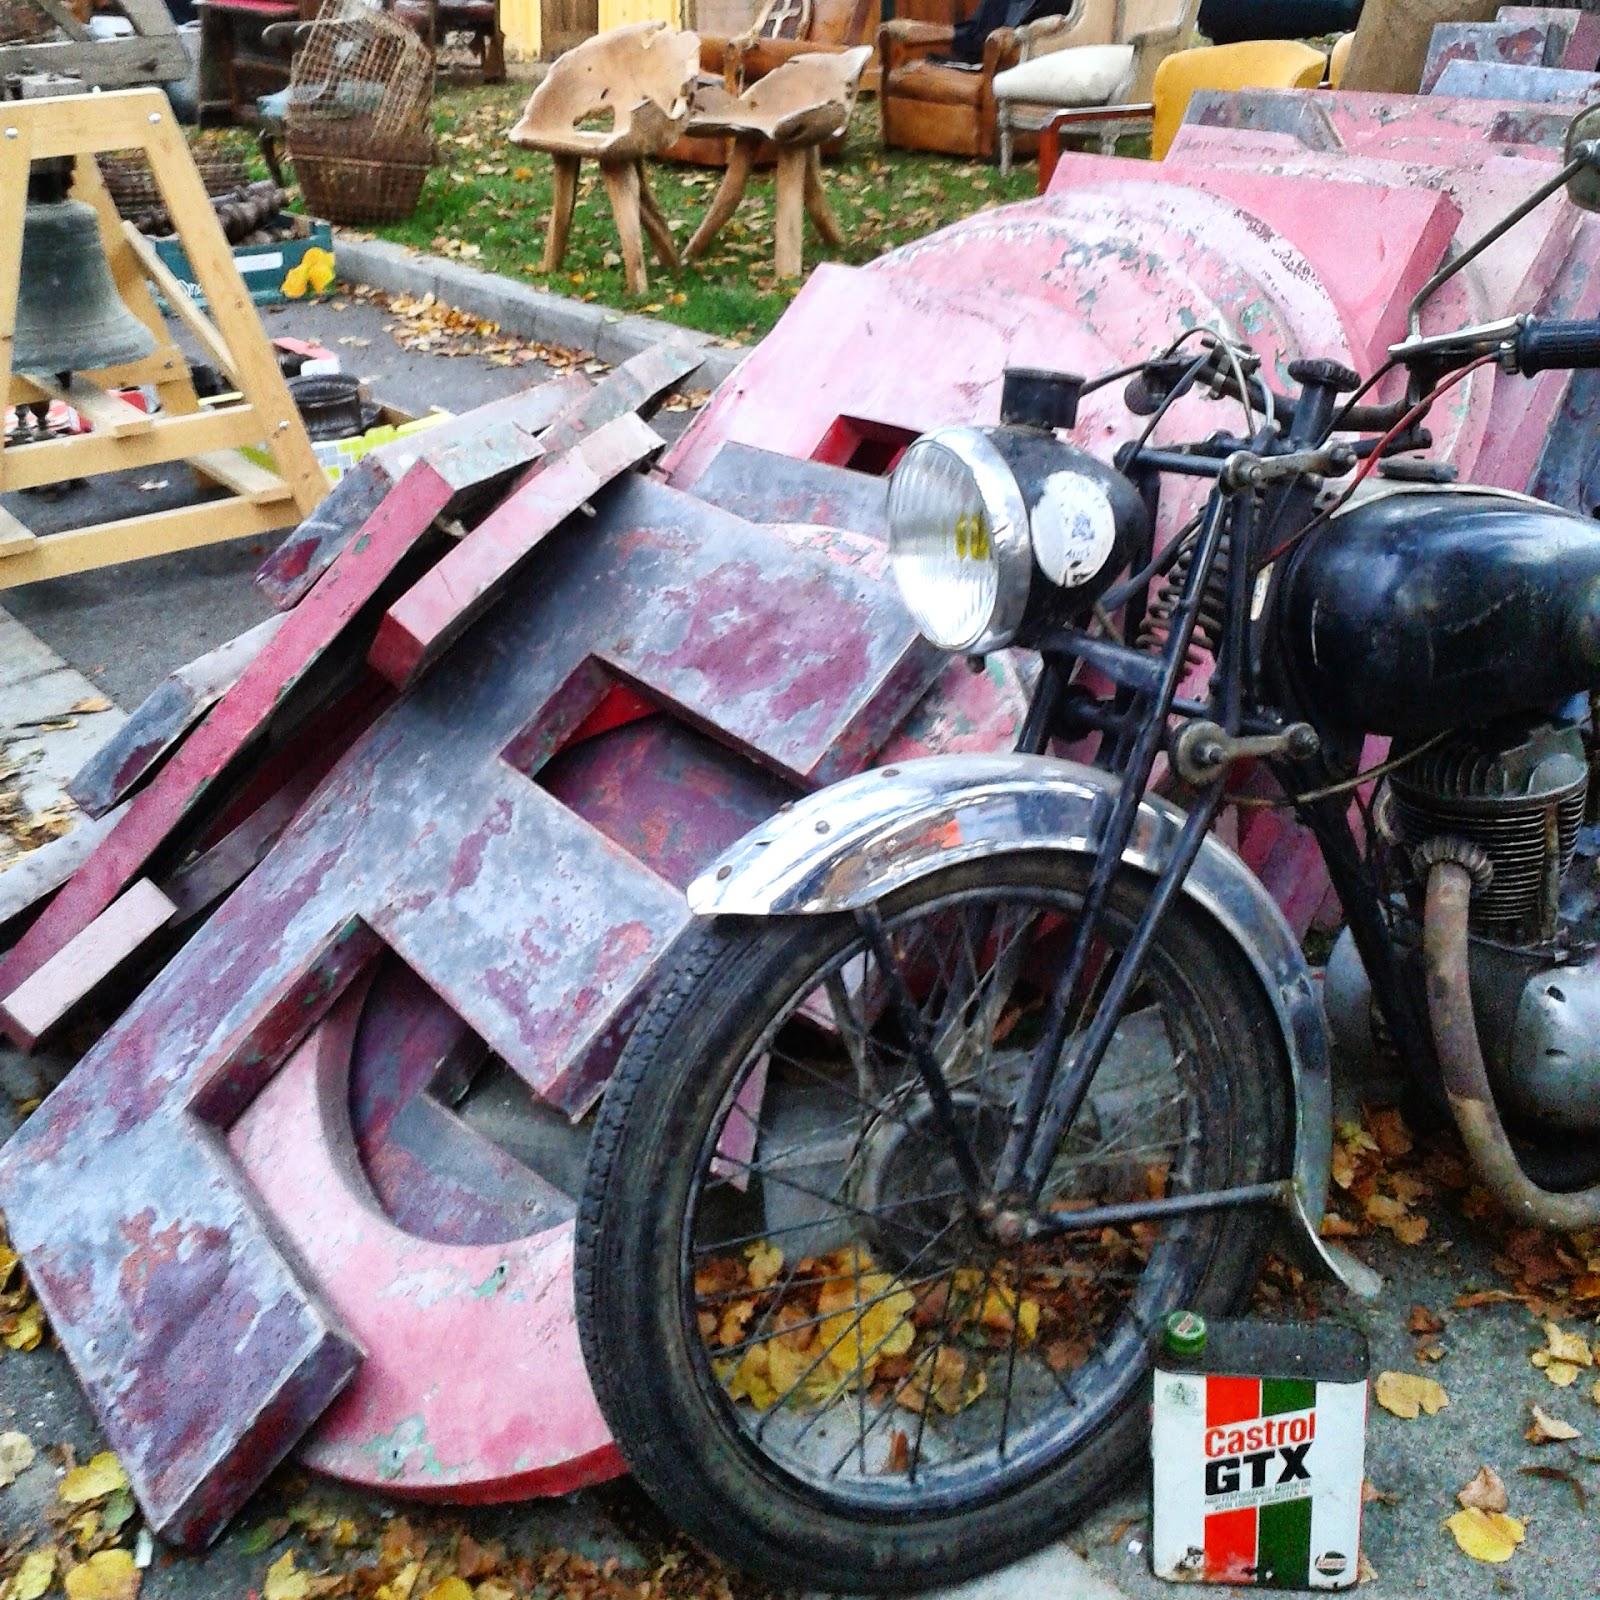 Brocante Amiens , octobre 2014 / Photos Atelier rue verte / Lettres vintage / Enseignes /